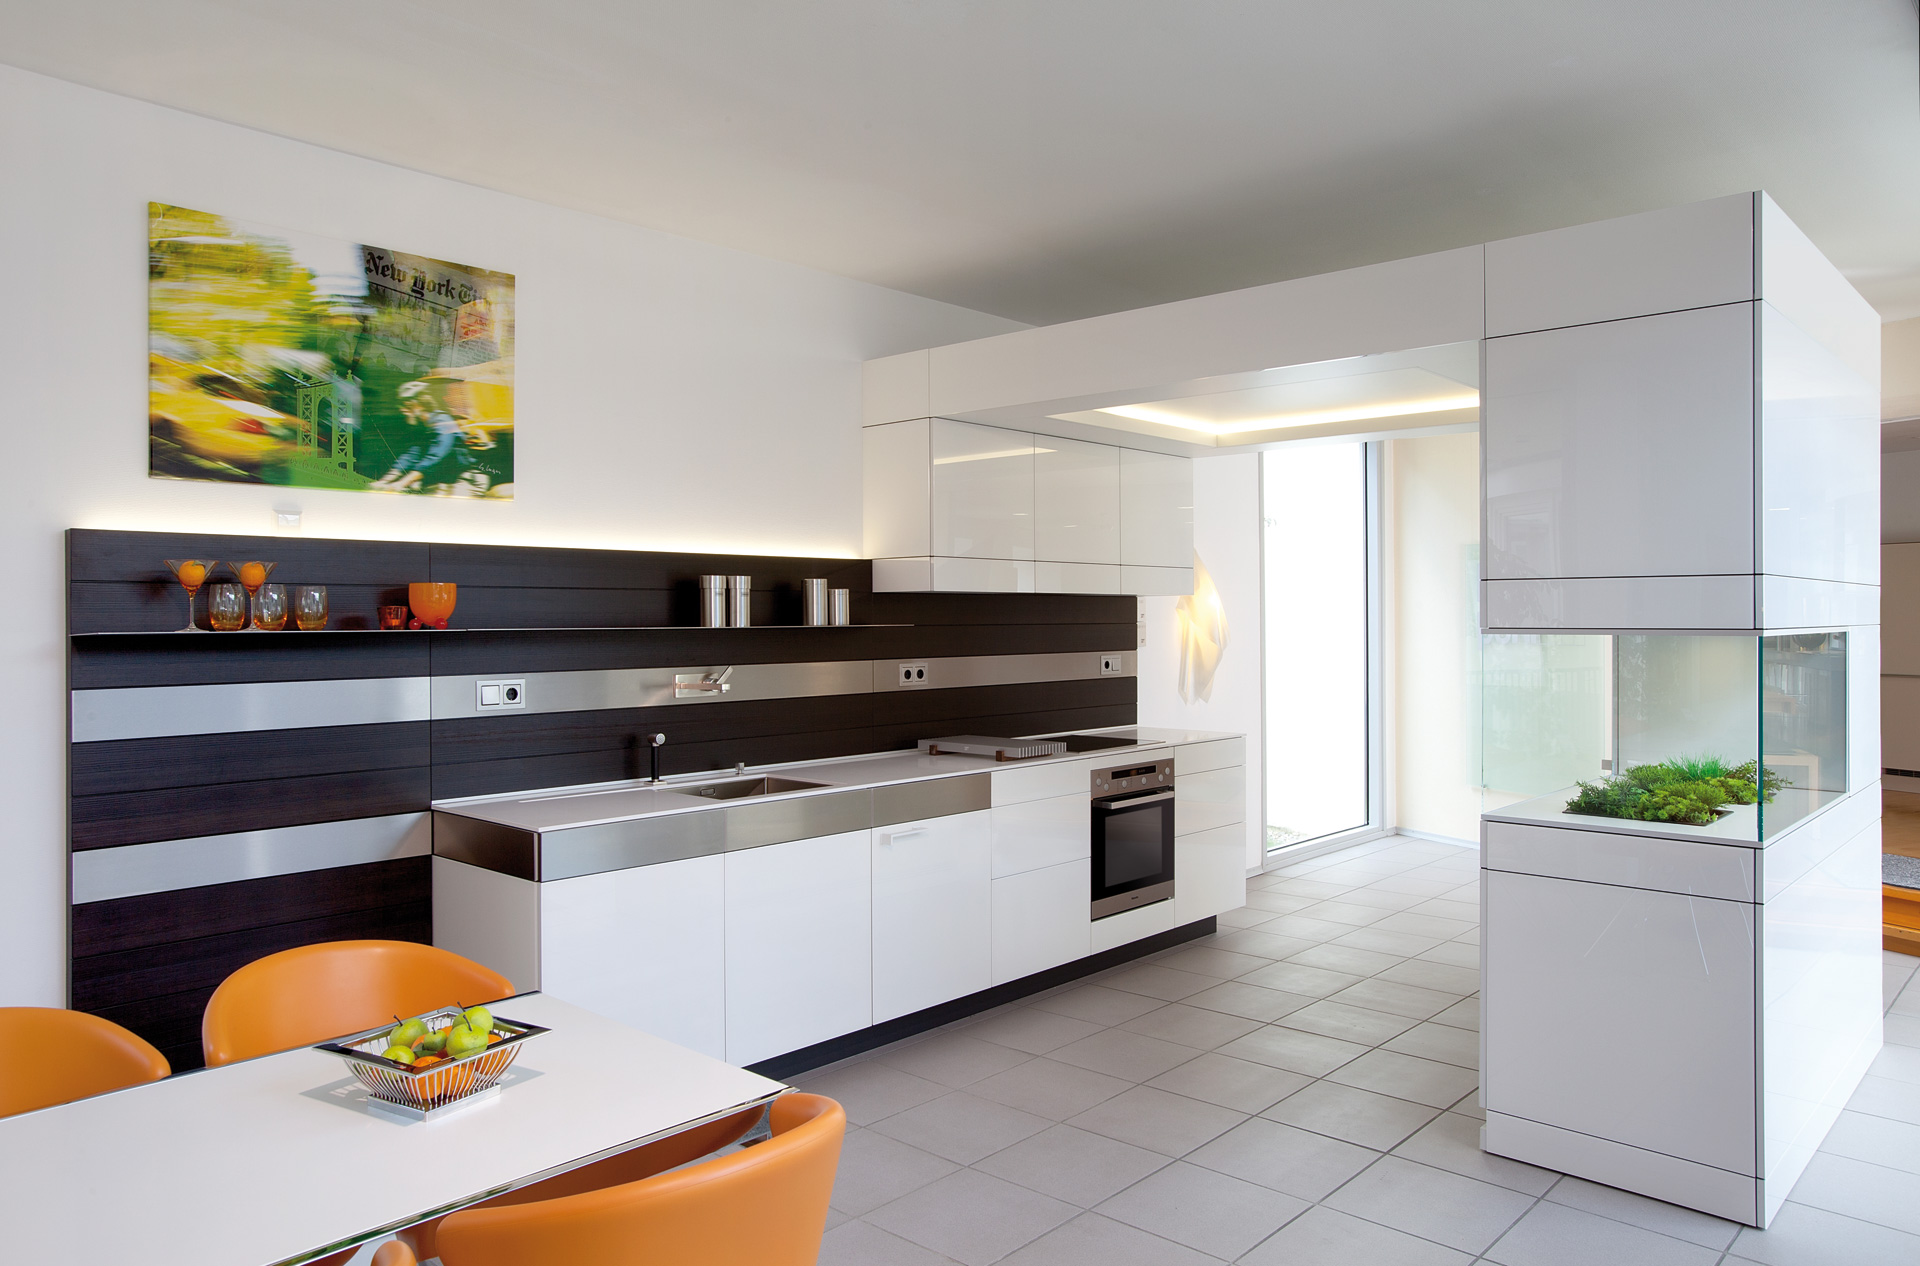 strohm einrichtungen l k che. Black Bedroom Furniture Sets. Home Design Ideas